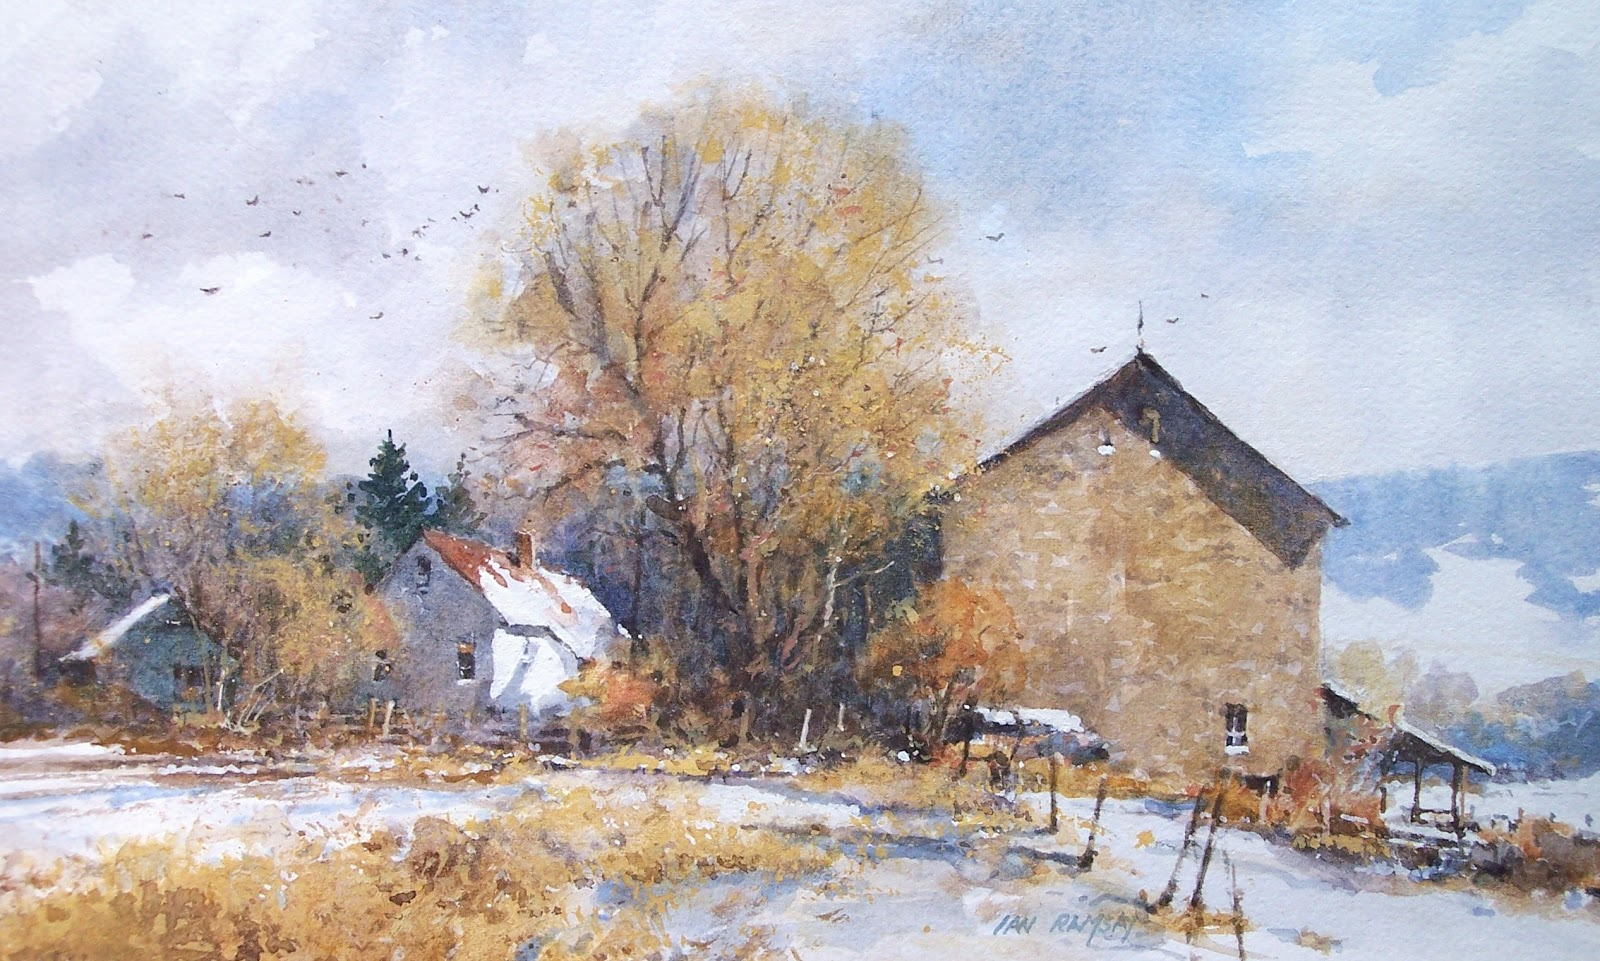 Ian Ramsay Watercolors: December 2012